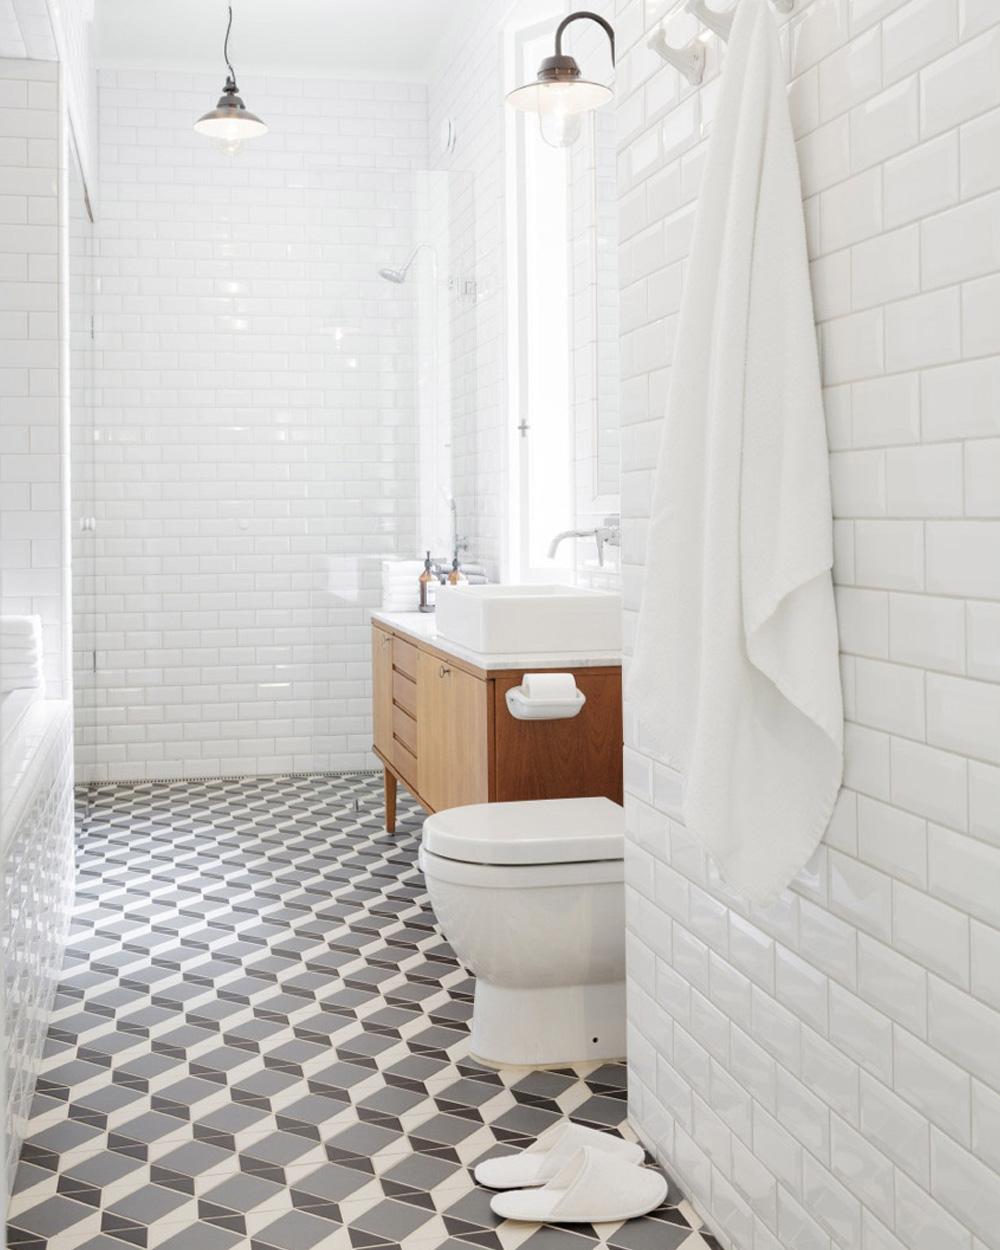 enfilade scandinave dans salle de bain